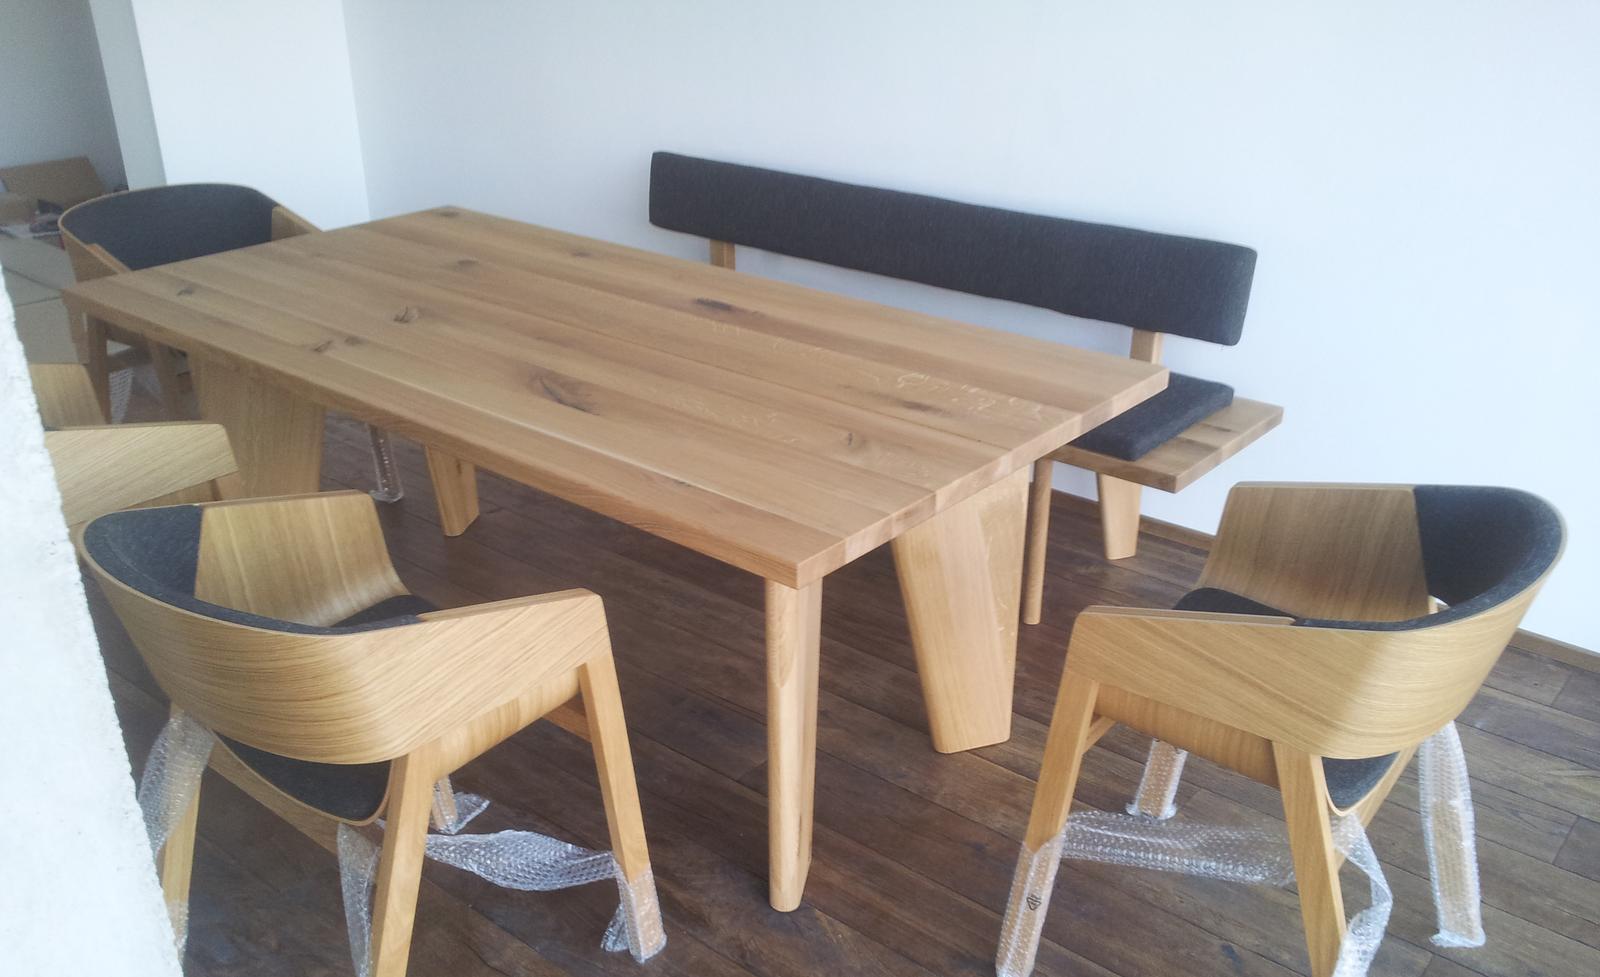 Dizajn a výroba nábytku na mieru Cubica - Jedálenský stôl TAFEL 2000x1000 s lavičkou z masívneho dubového dreva a kresielkami Merano TON